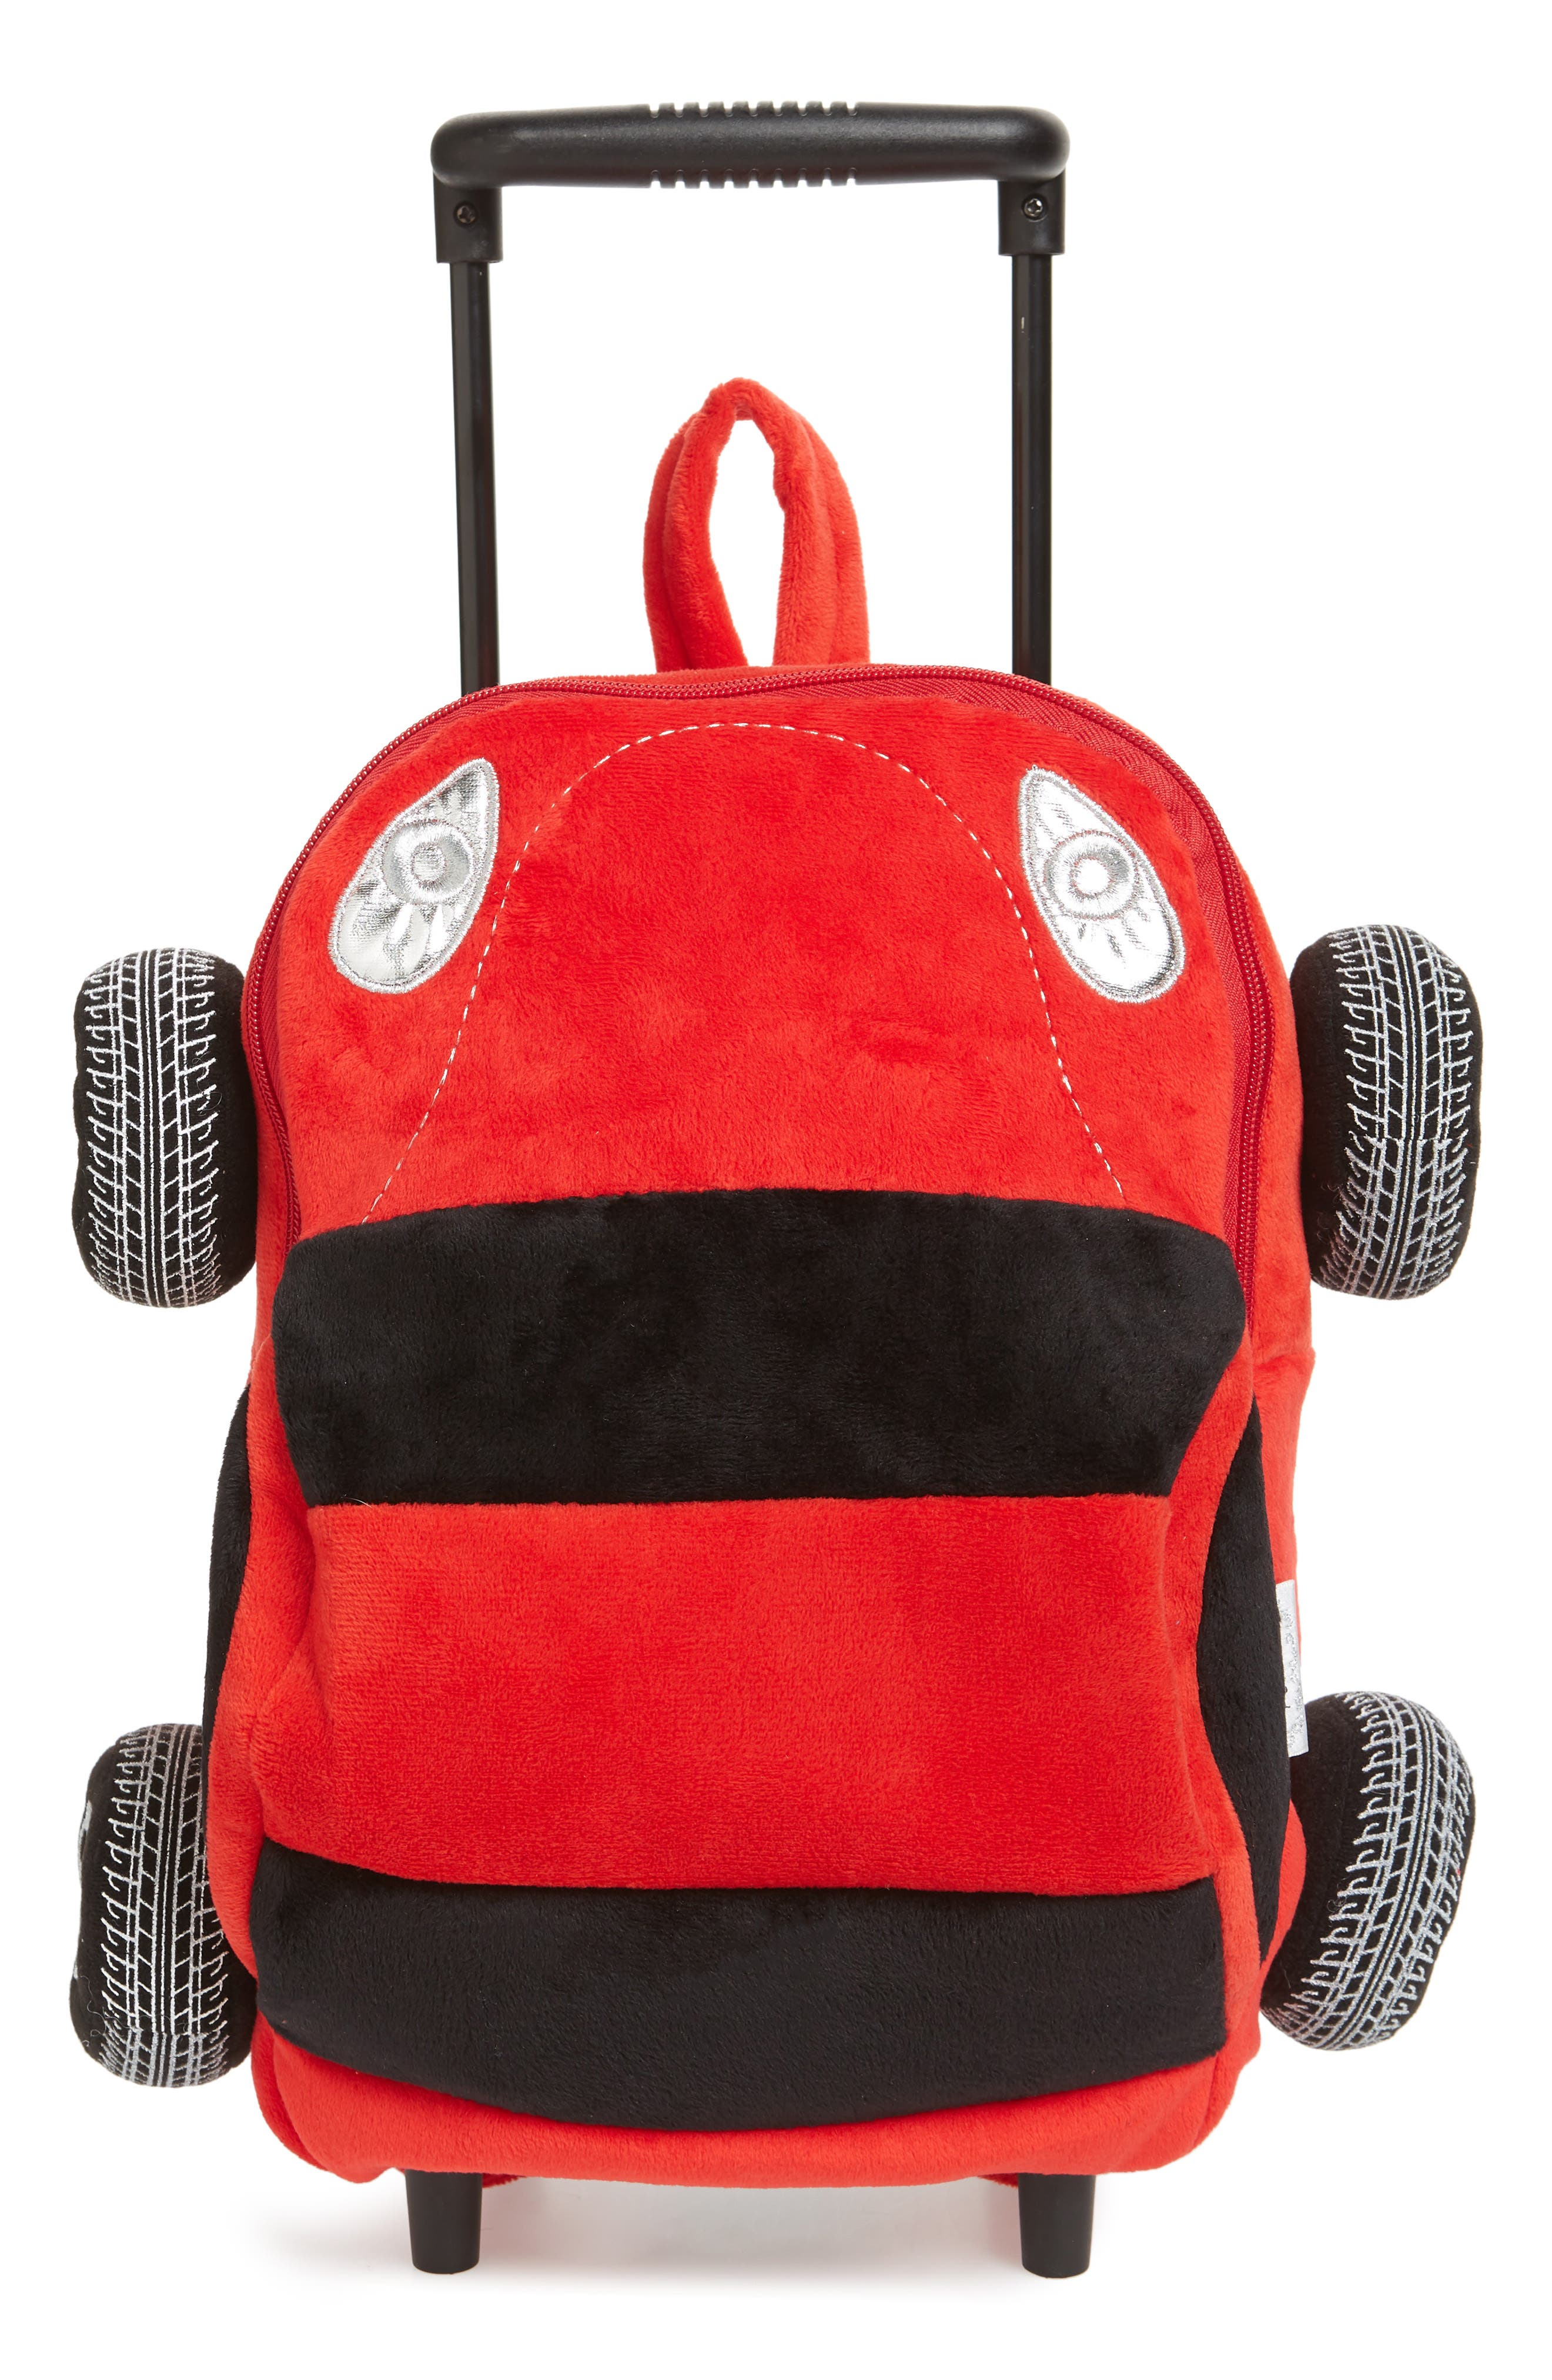 Boys Popatu Trolly Rolling Backpack Car  Red